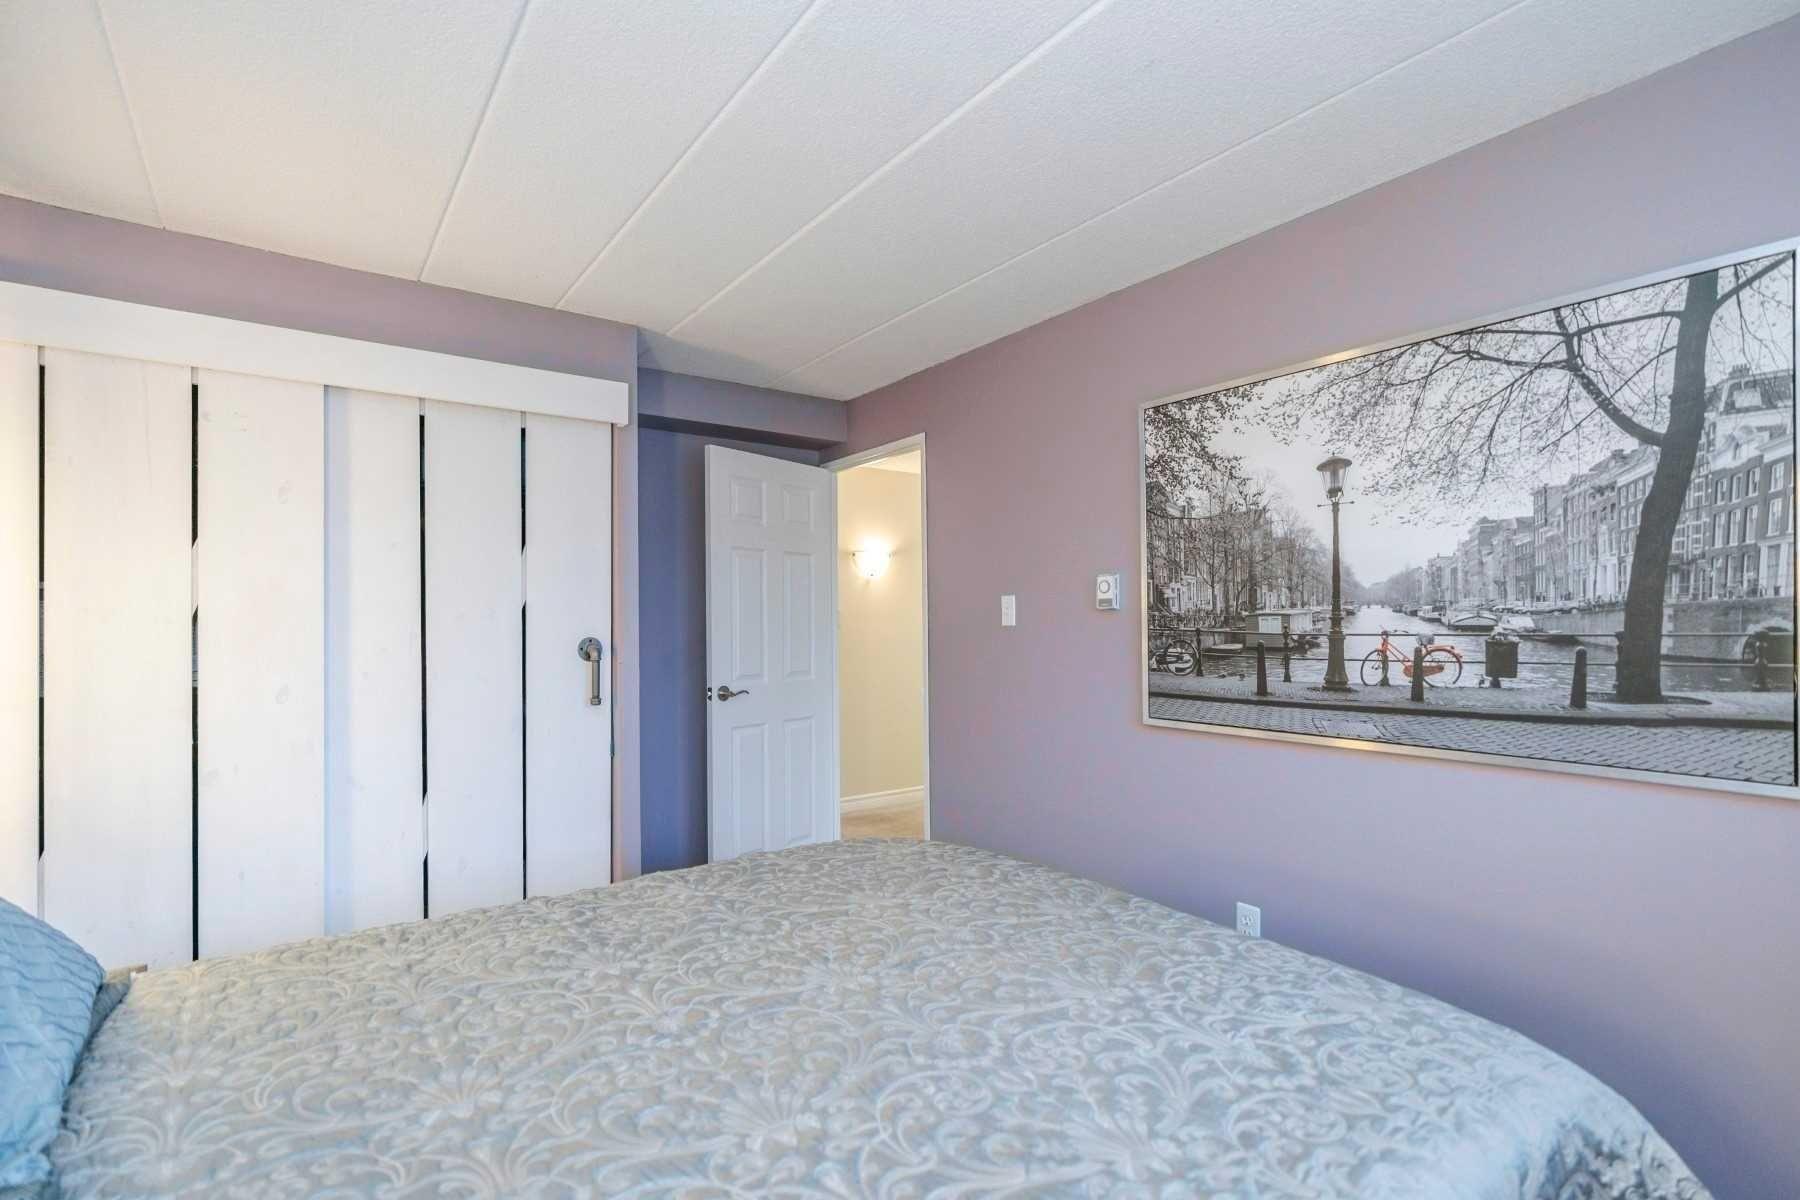 Photo 11: Photos: 15 43 E Taunton Road in Oshawa: Centennial Condo for sale : MLS®# E4408708